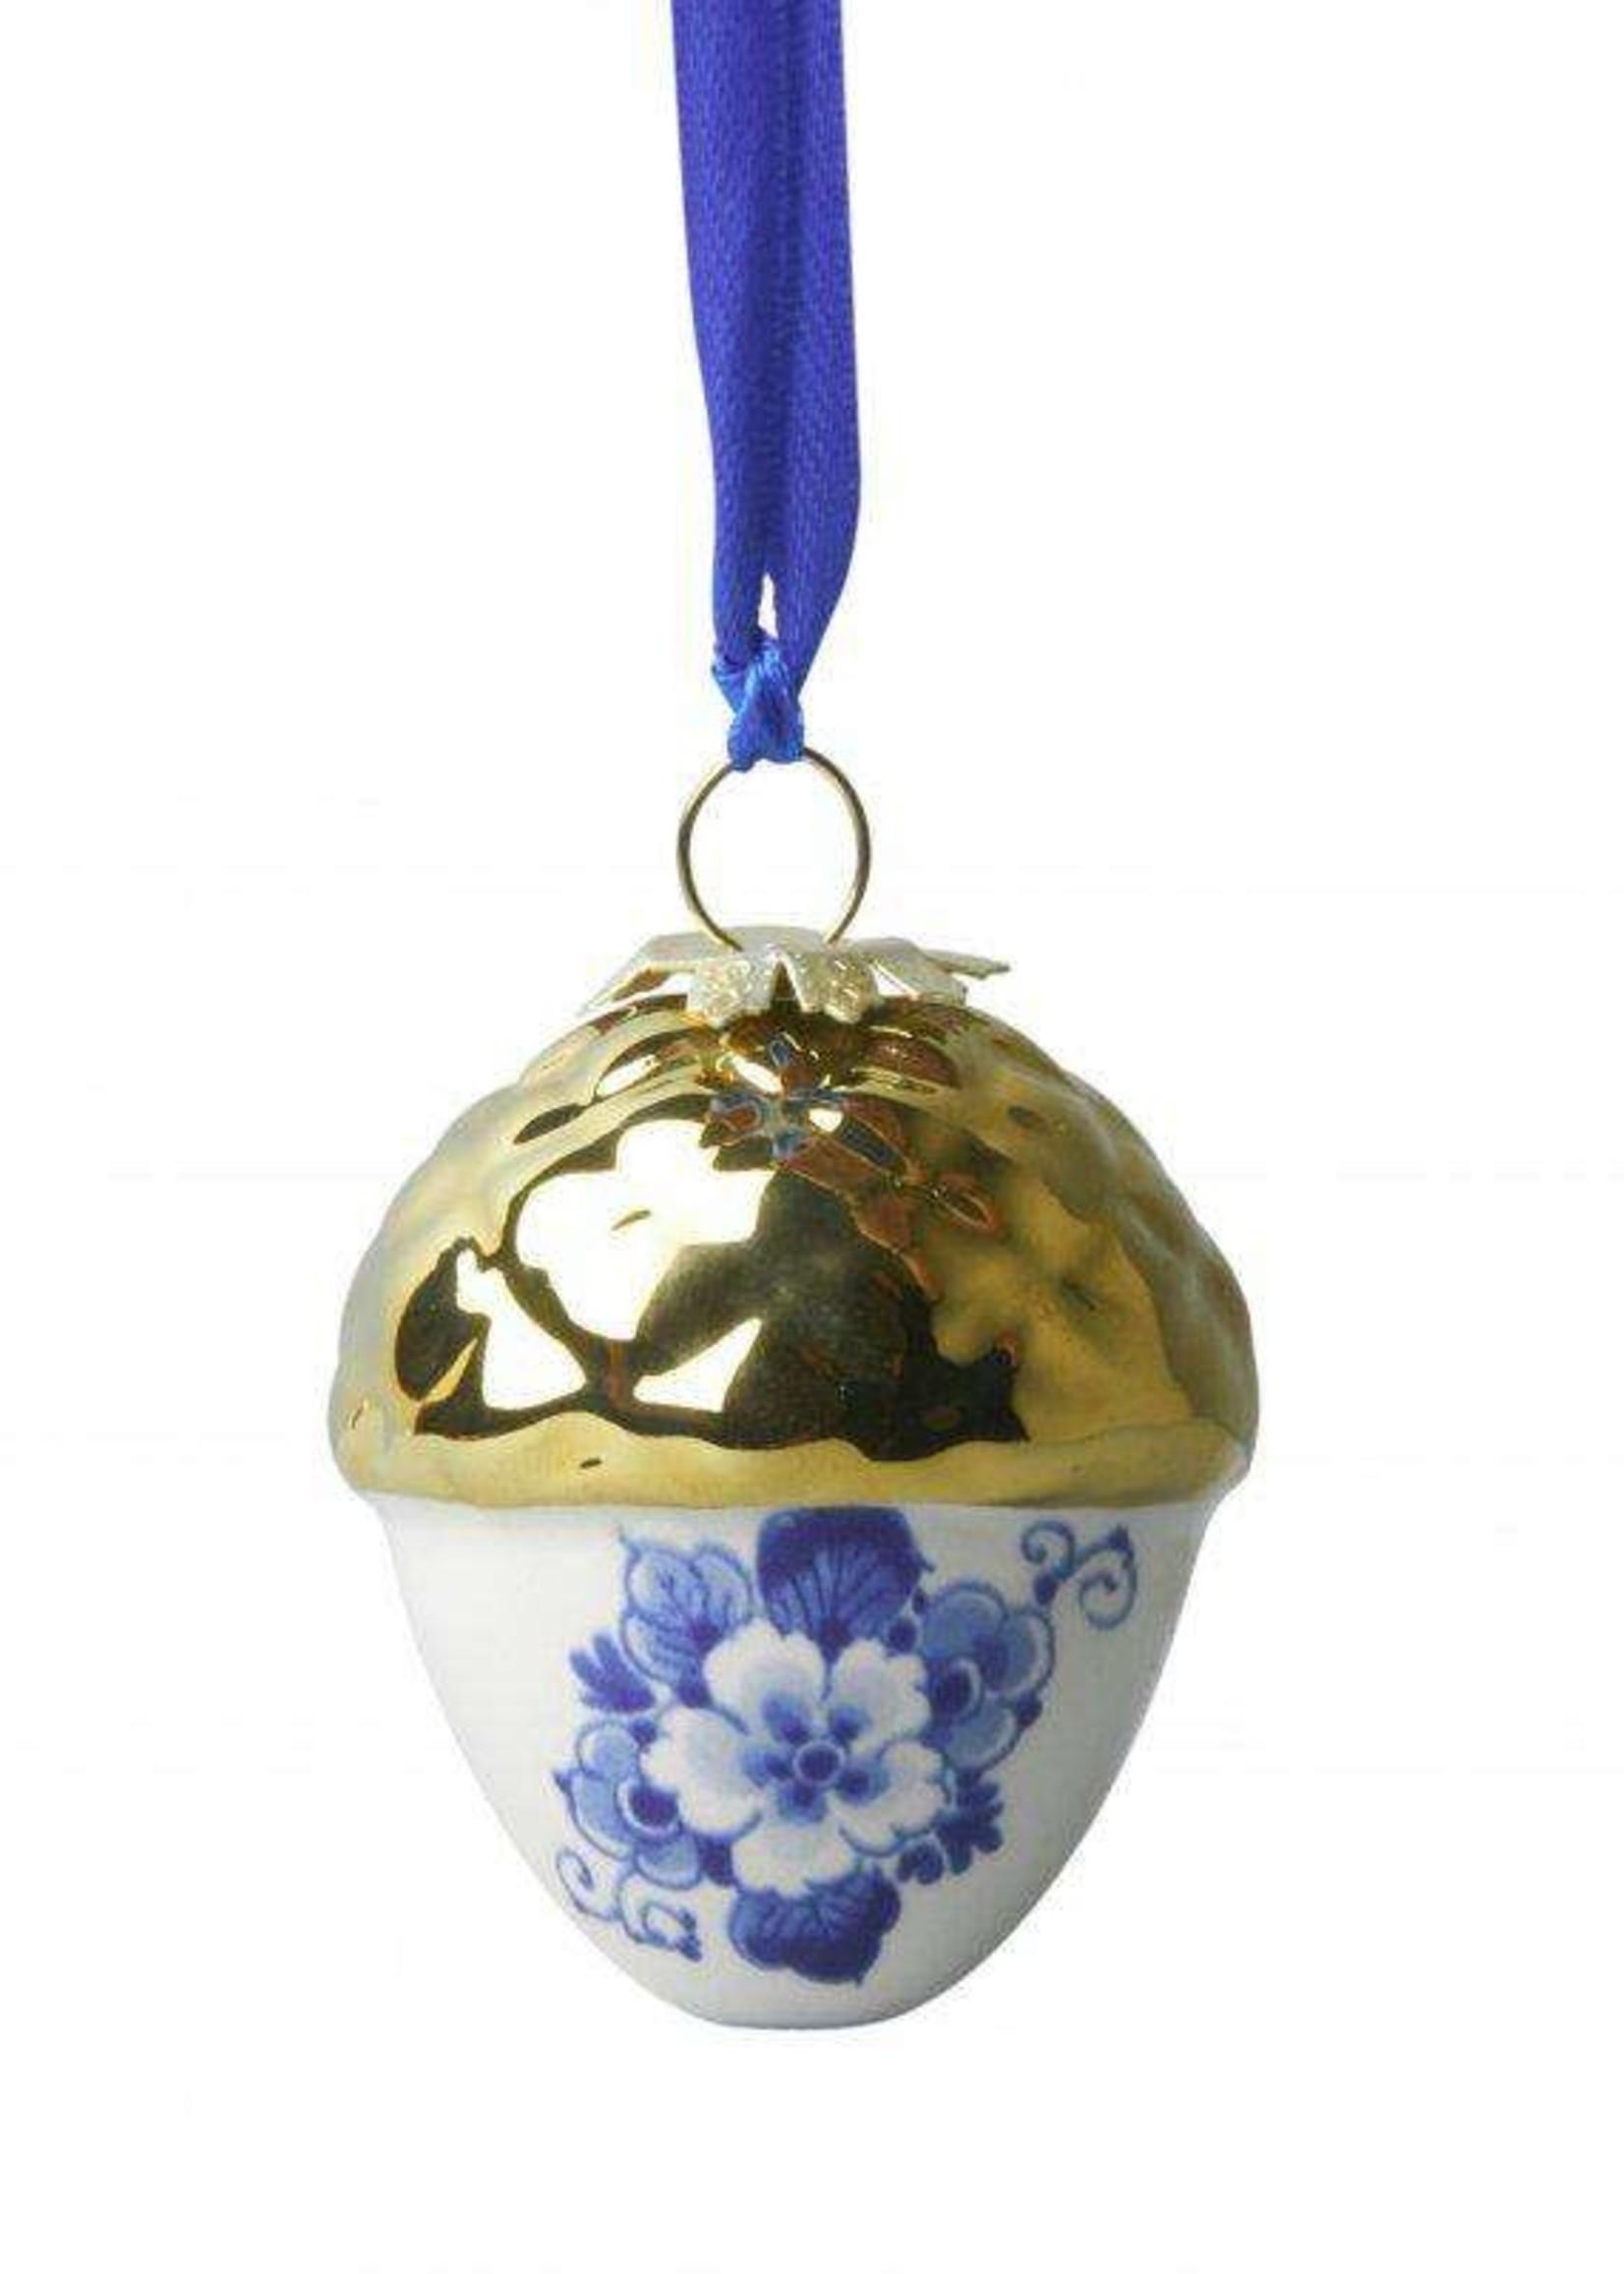 Kerstbal, Delfts Blauw, Eikel met Gouden Dop